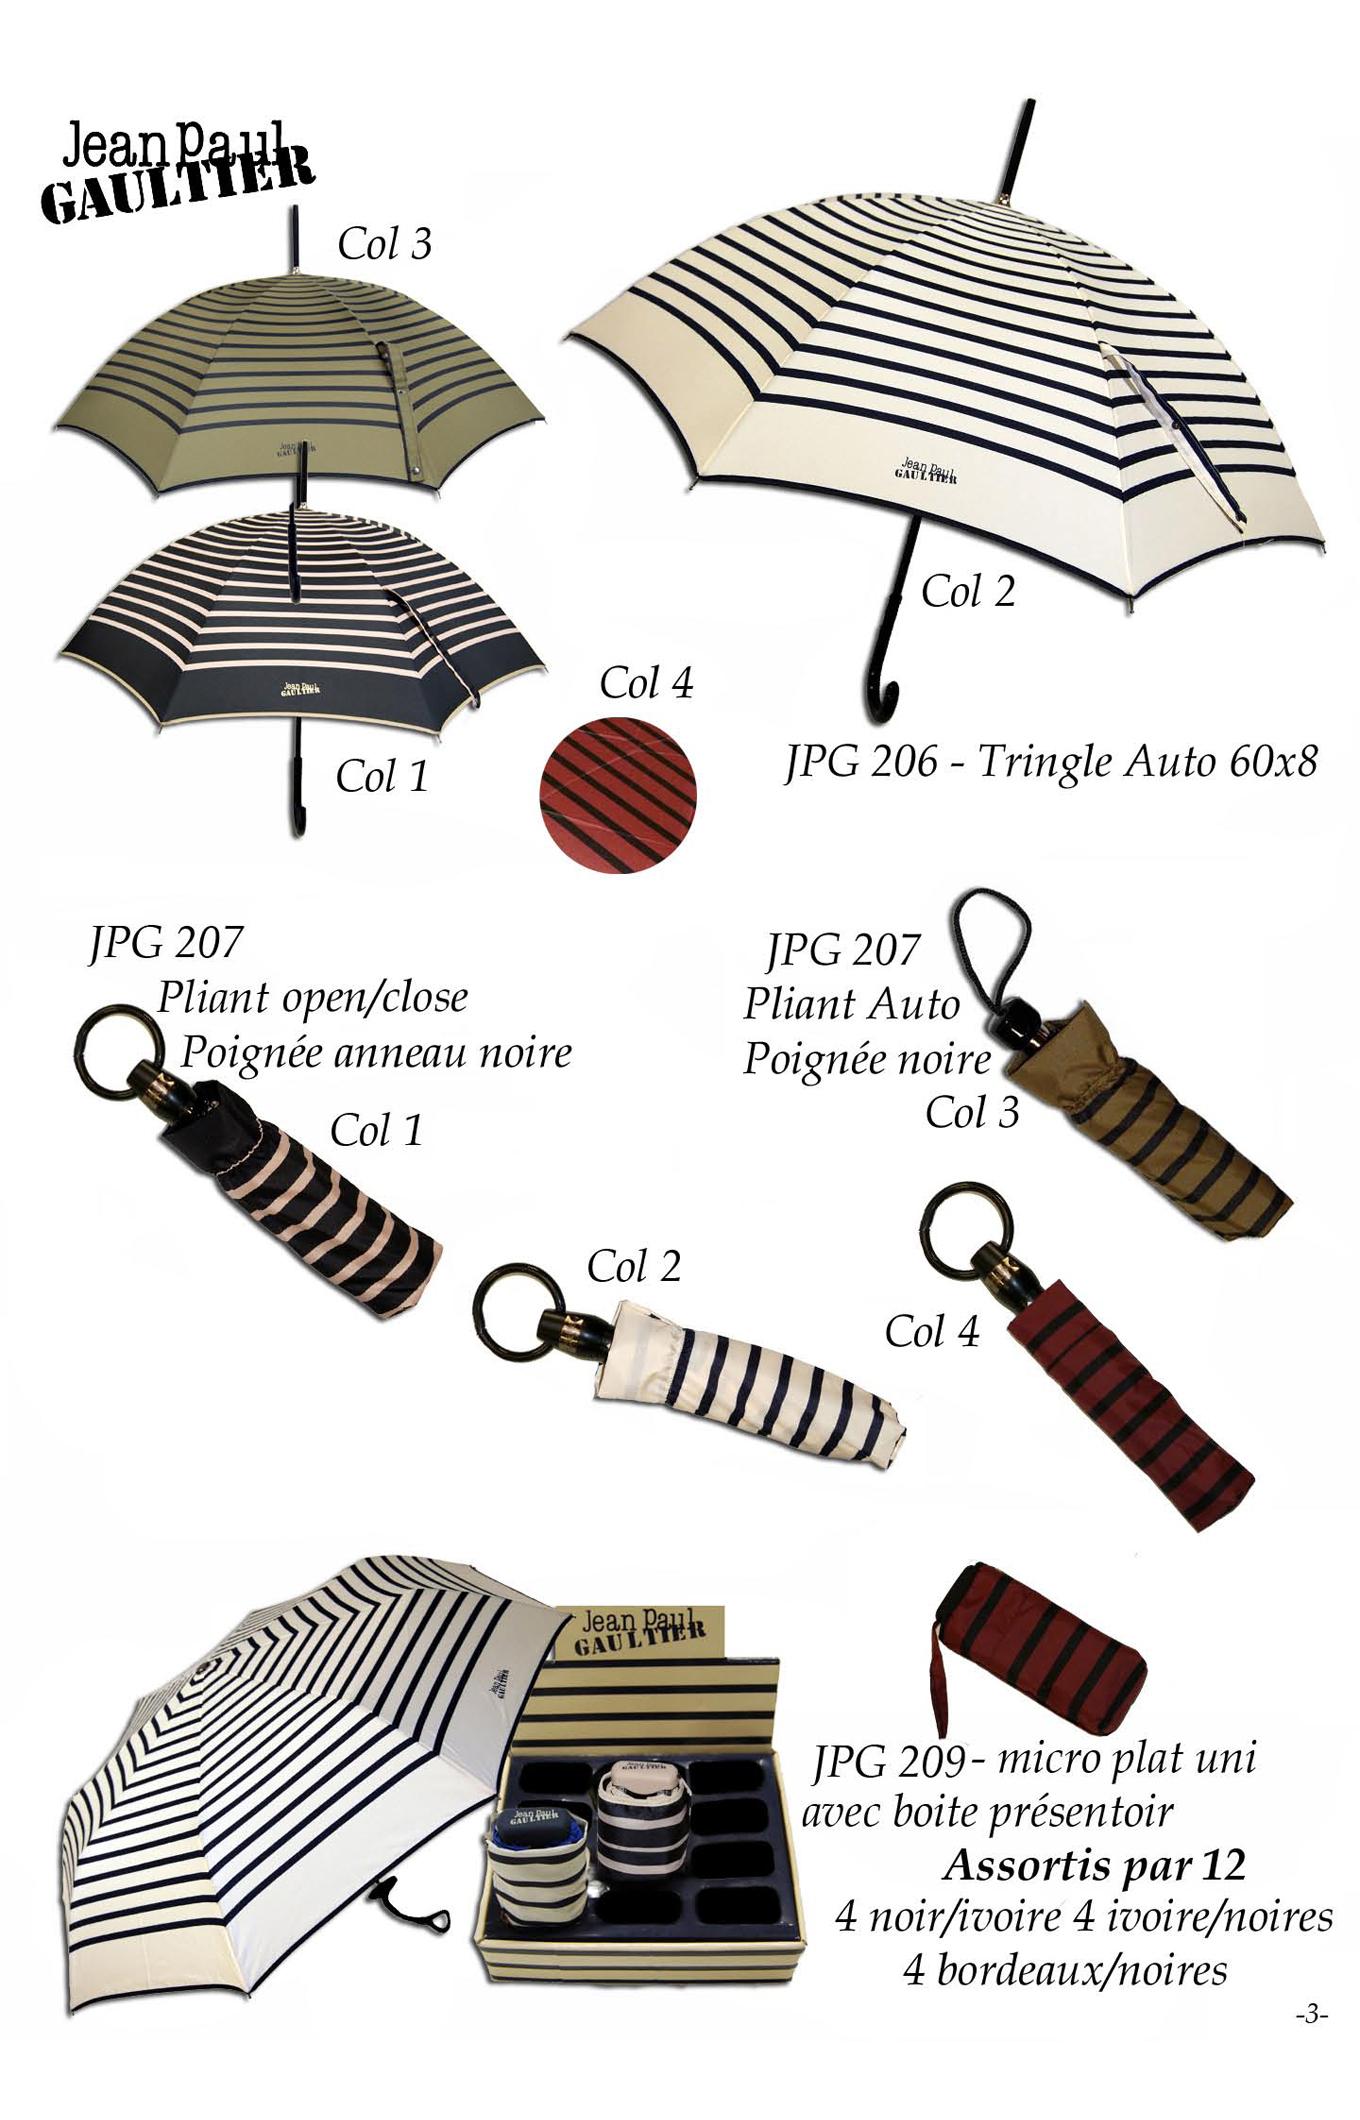 Guy de Jean <br>Umbrella 18